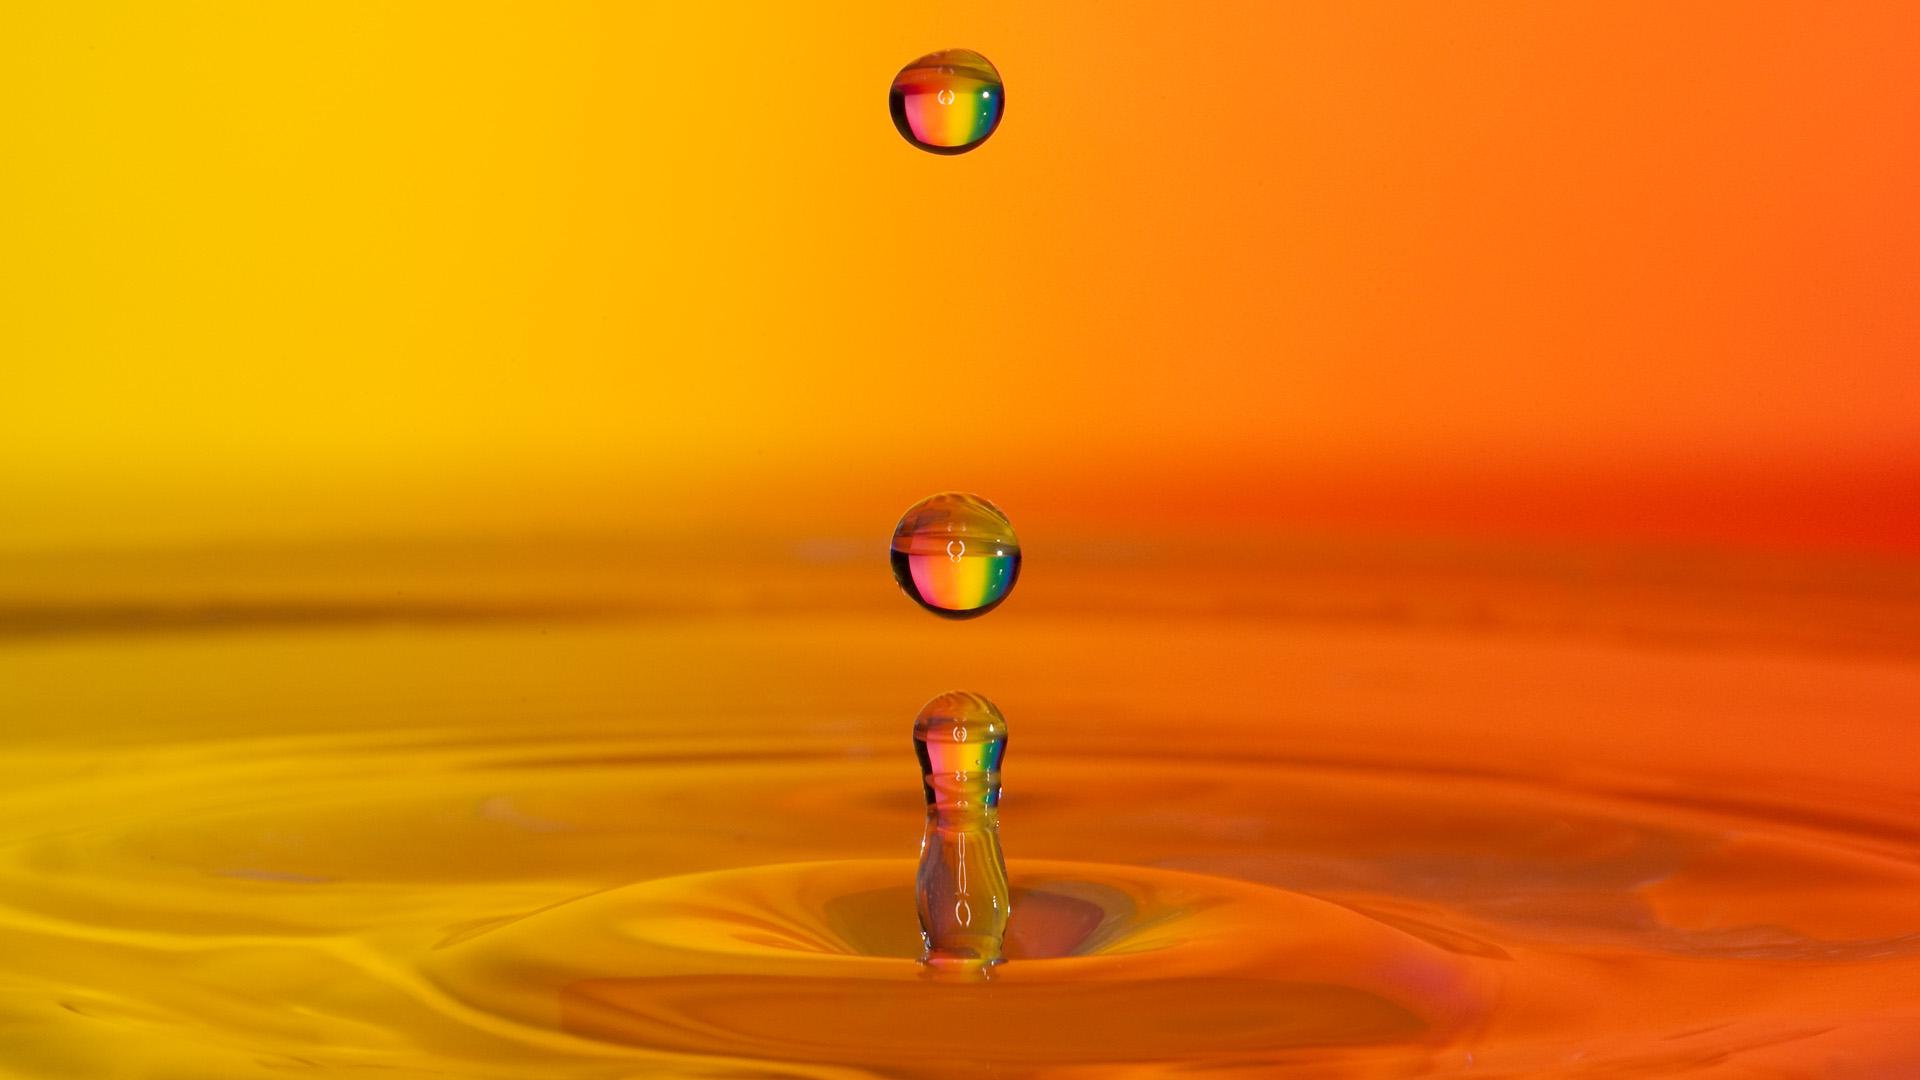 Wassertropfen vor farbigem Hintergrund